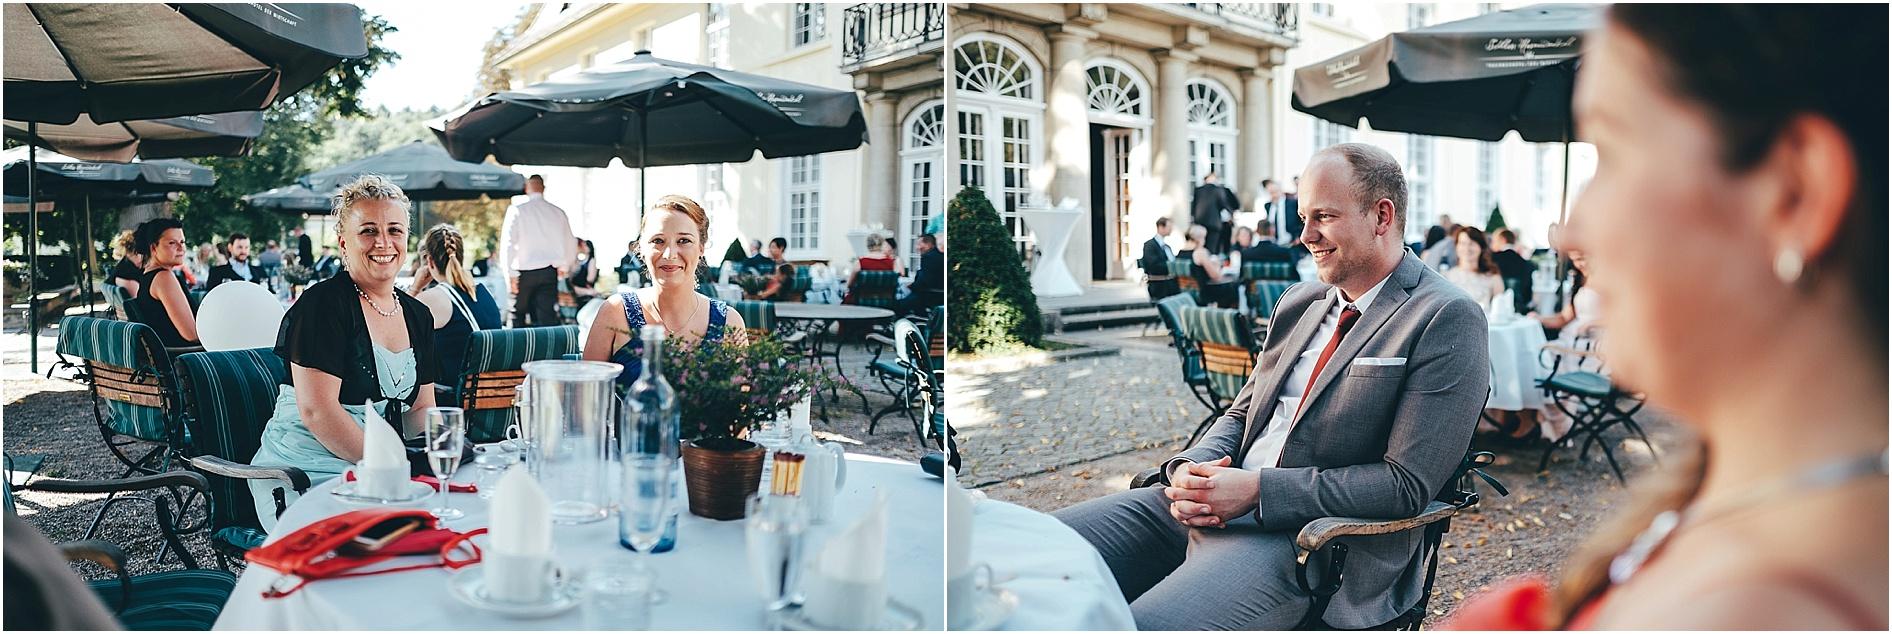 Hochzeitsfotograf Schwerin, Schloss Hasenwinkel, Caro und Marc, 2017-01-17_0063.jpg